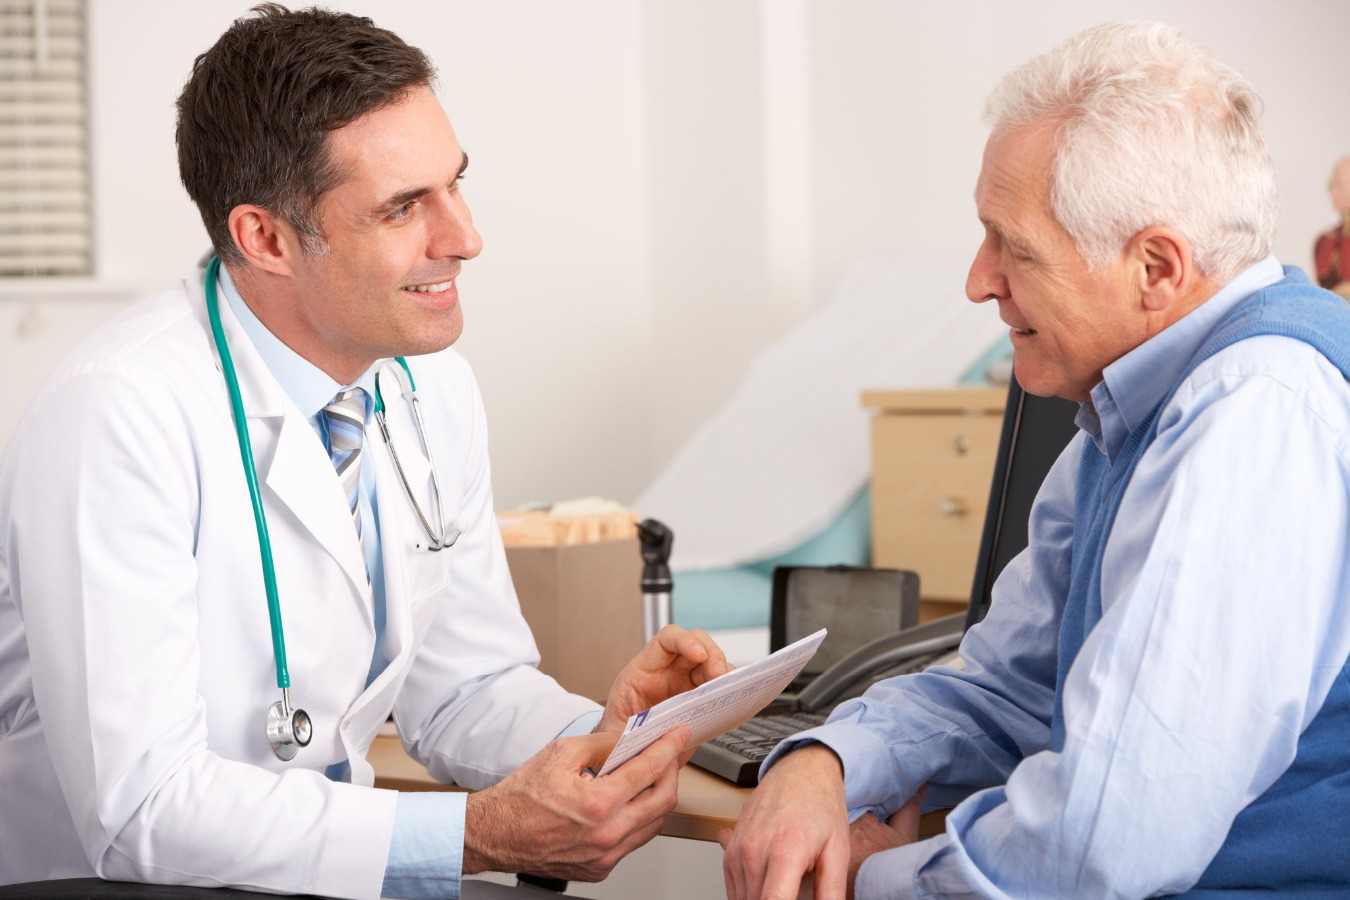 پیشگیری از نابینایی دیابتی